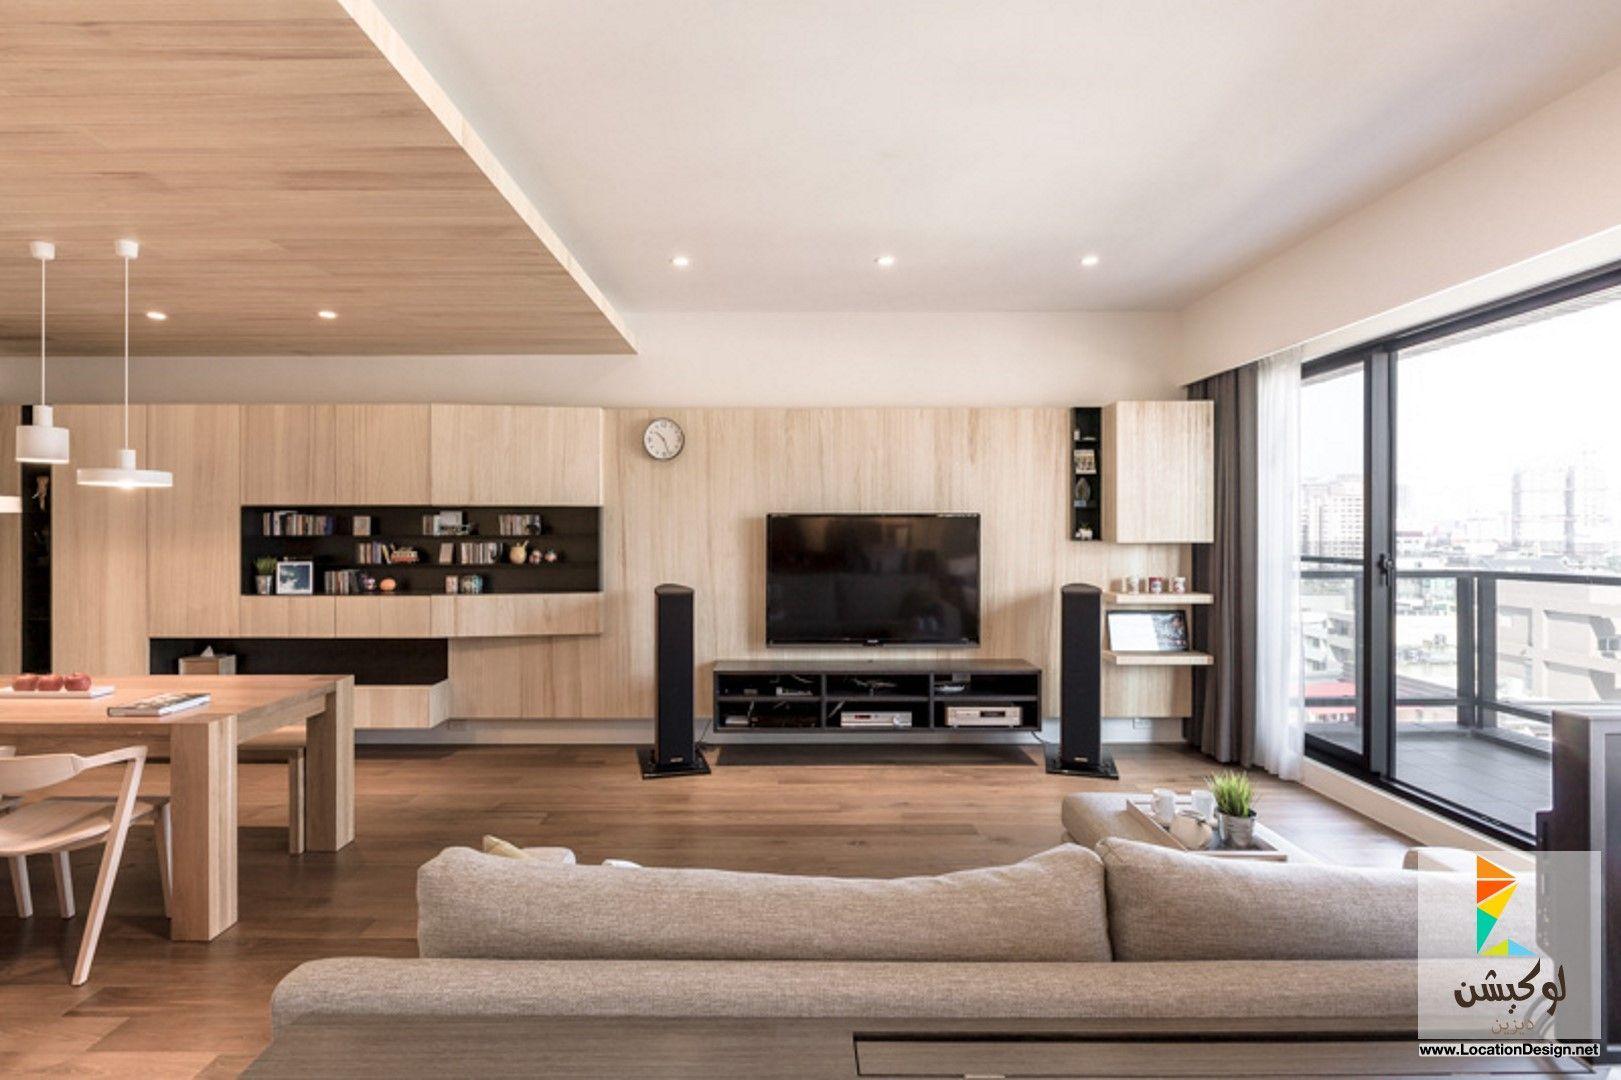 ديكورات ريسبشن بتصميمات خشبيه فخمة لوكيشن ديزاين تصميمات ديكورات أفكار جديدة مصر Apartment Design Modern Apartment Apartment Interior